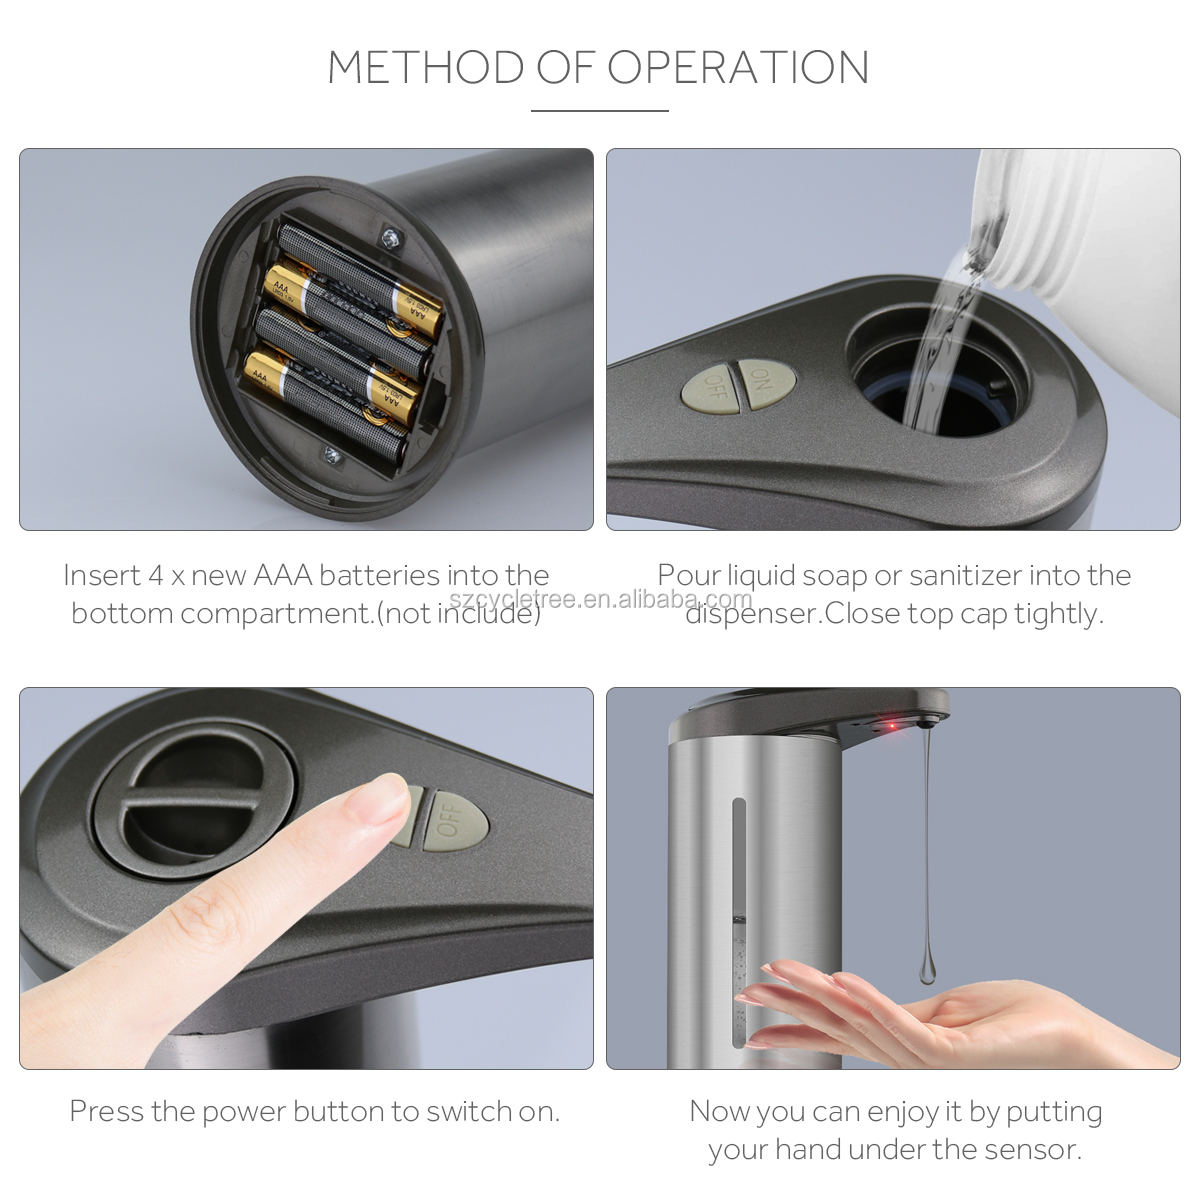 Amazon Hot Bán Điện Xà Phòng Tự Động Dispenser Tay Miễn Phí Hồng Ngoại Touchless Xà Phòng Cảm Biến Dispenser Nhà Máy Bán Buôn